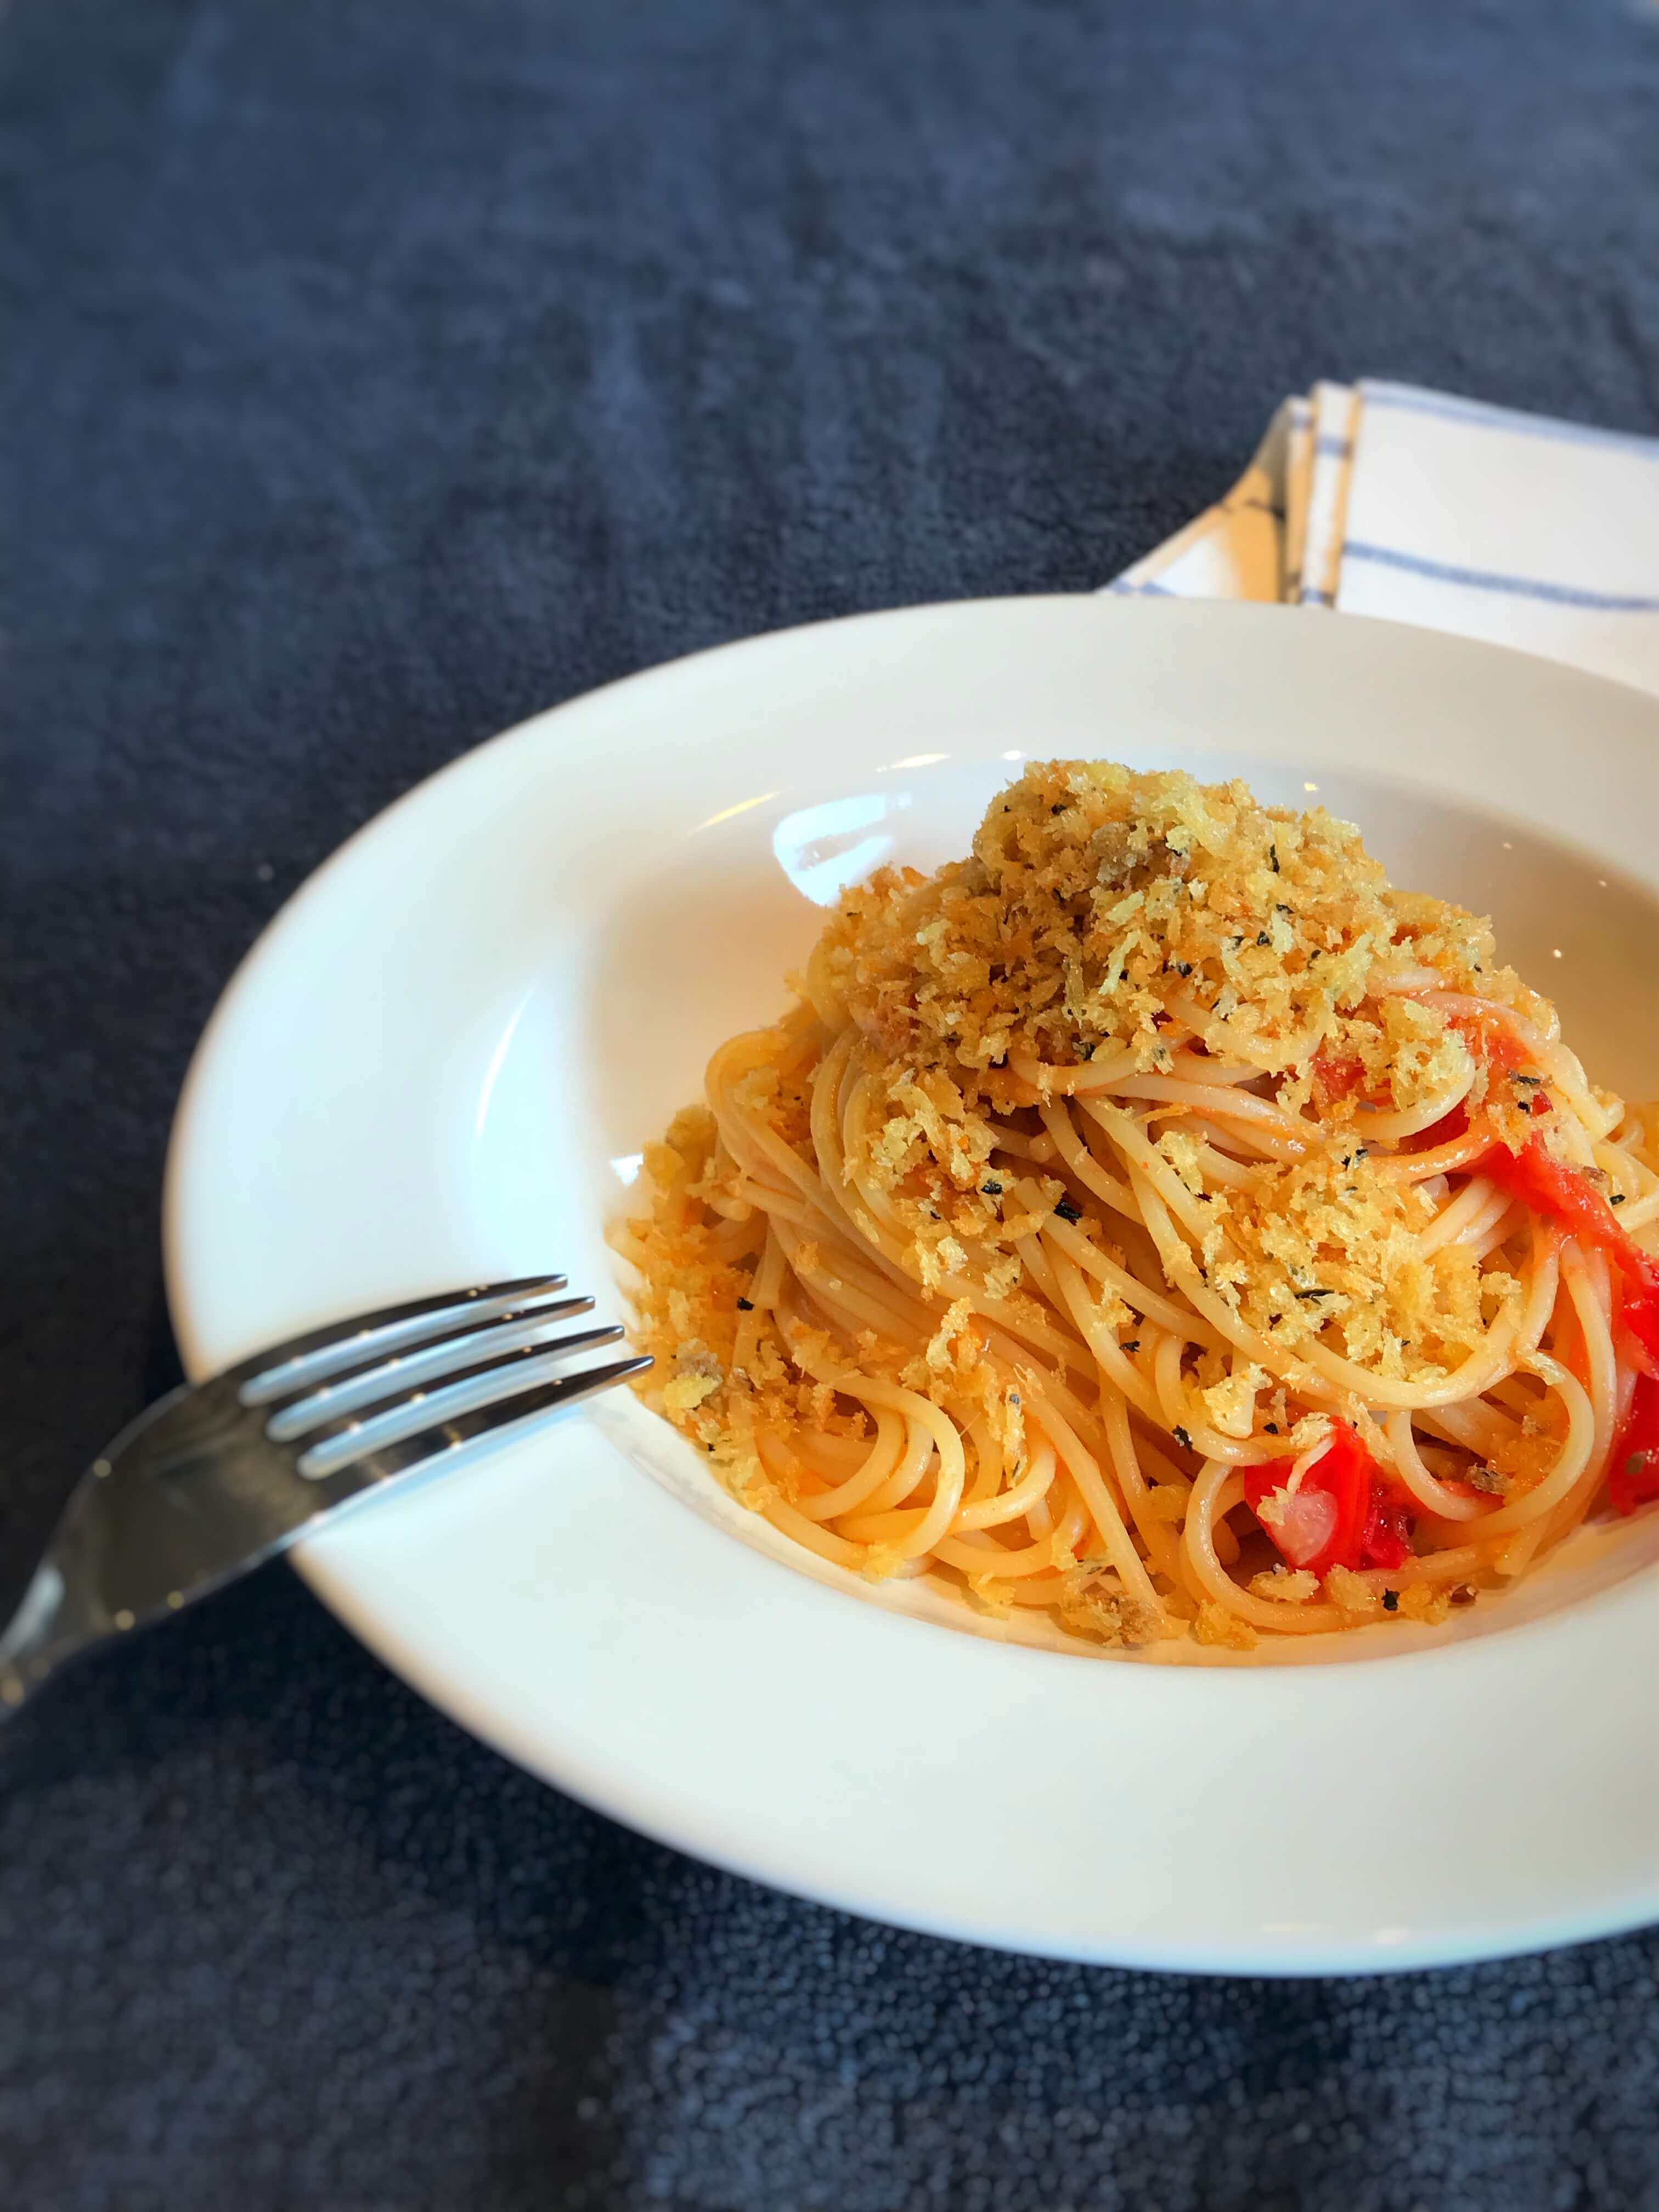 【新食感】トマトとアンチョビのシチリア風パスタのレシピ